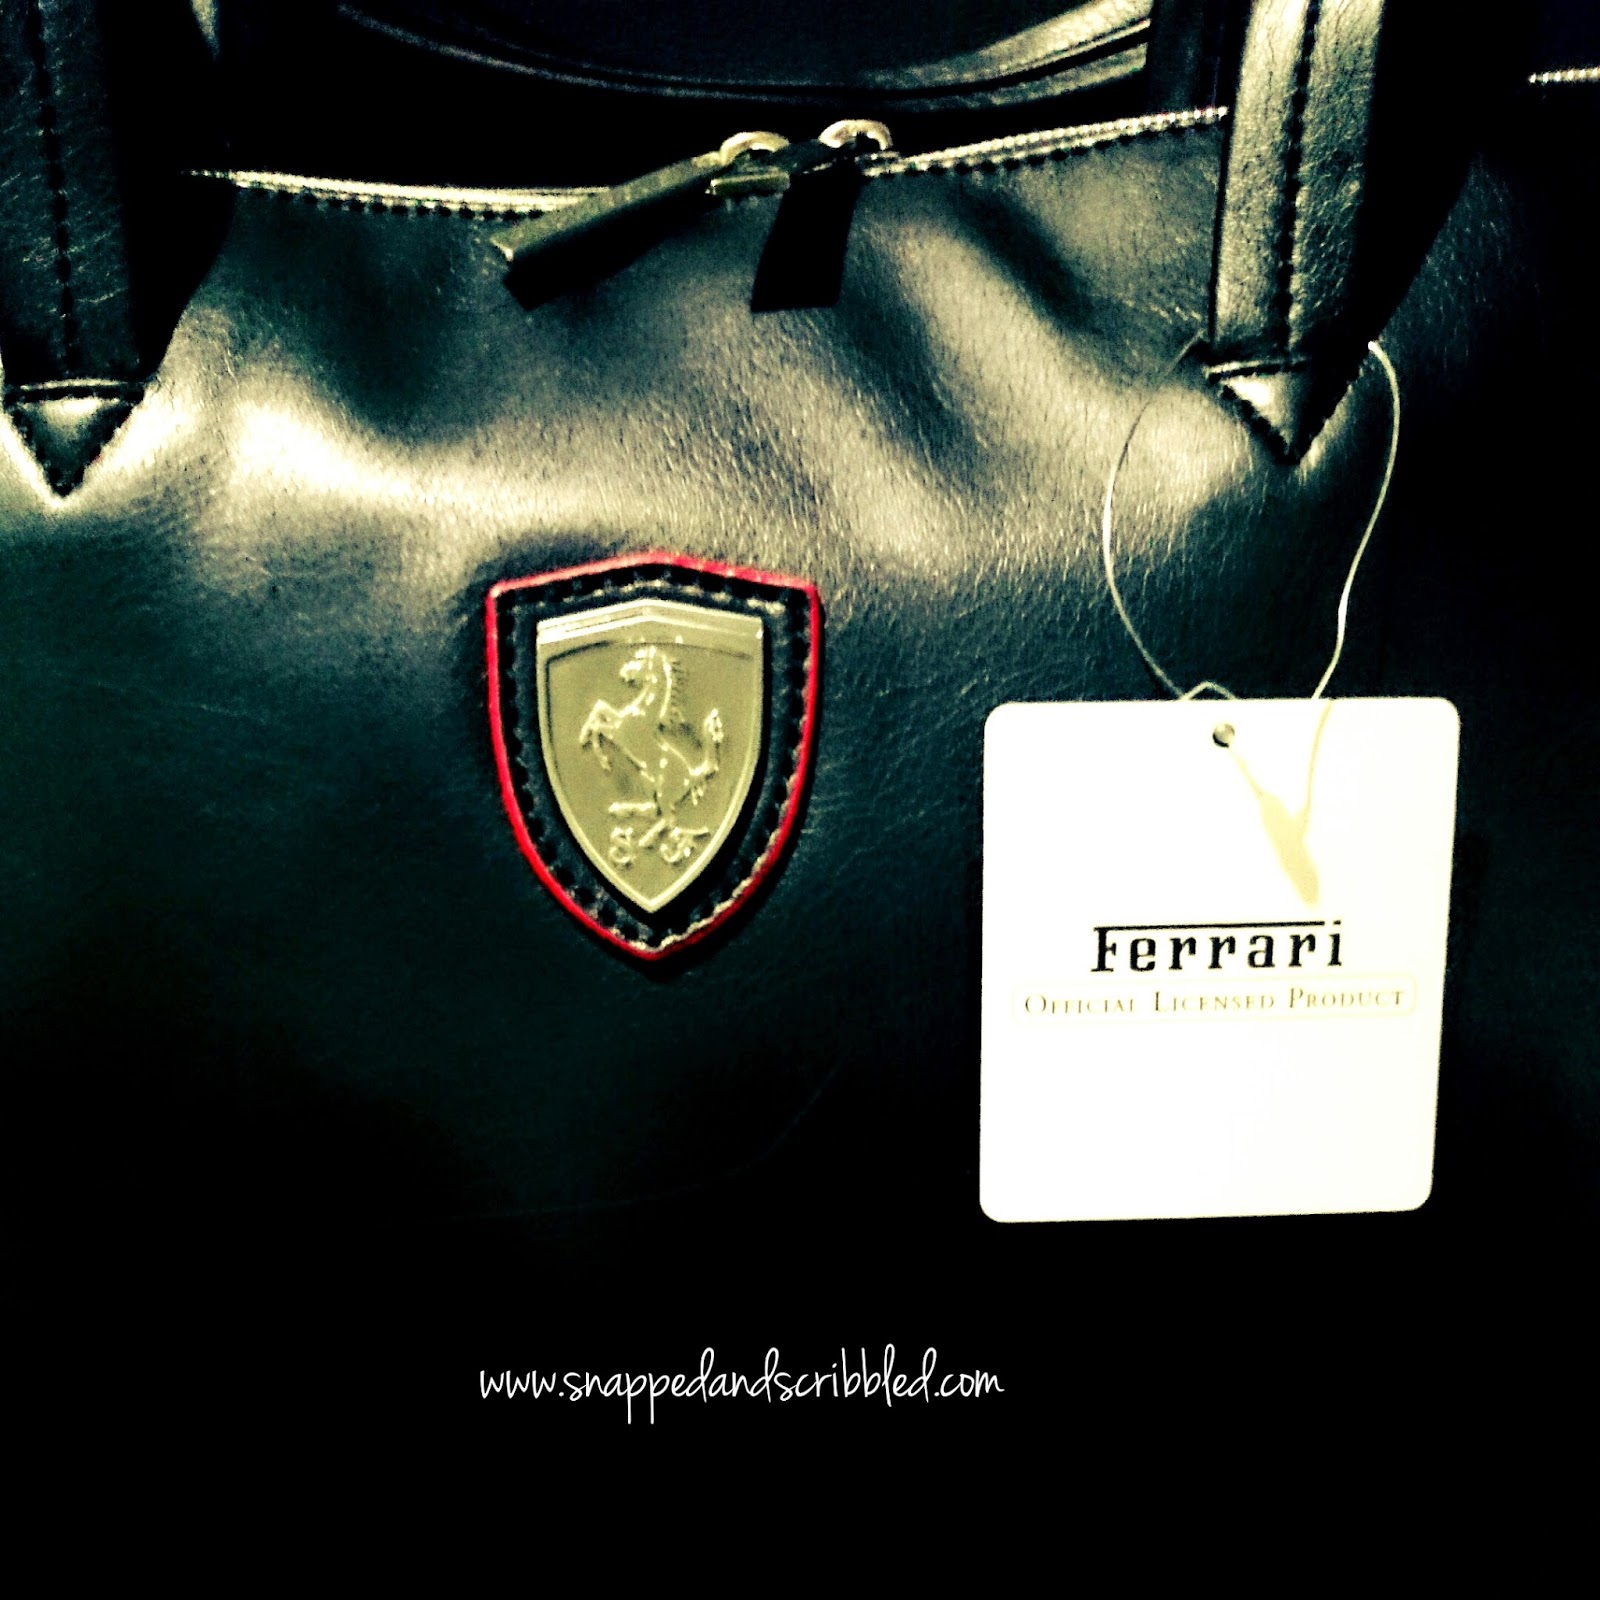 Ferrari Bag and Anniversaries